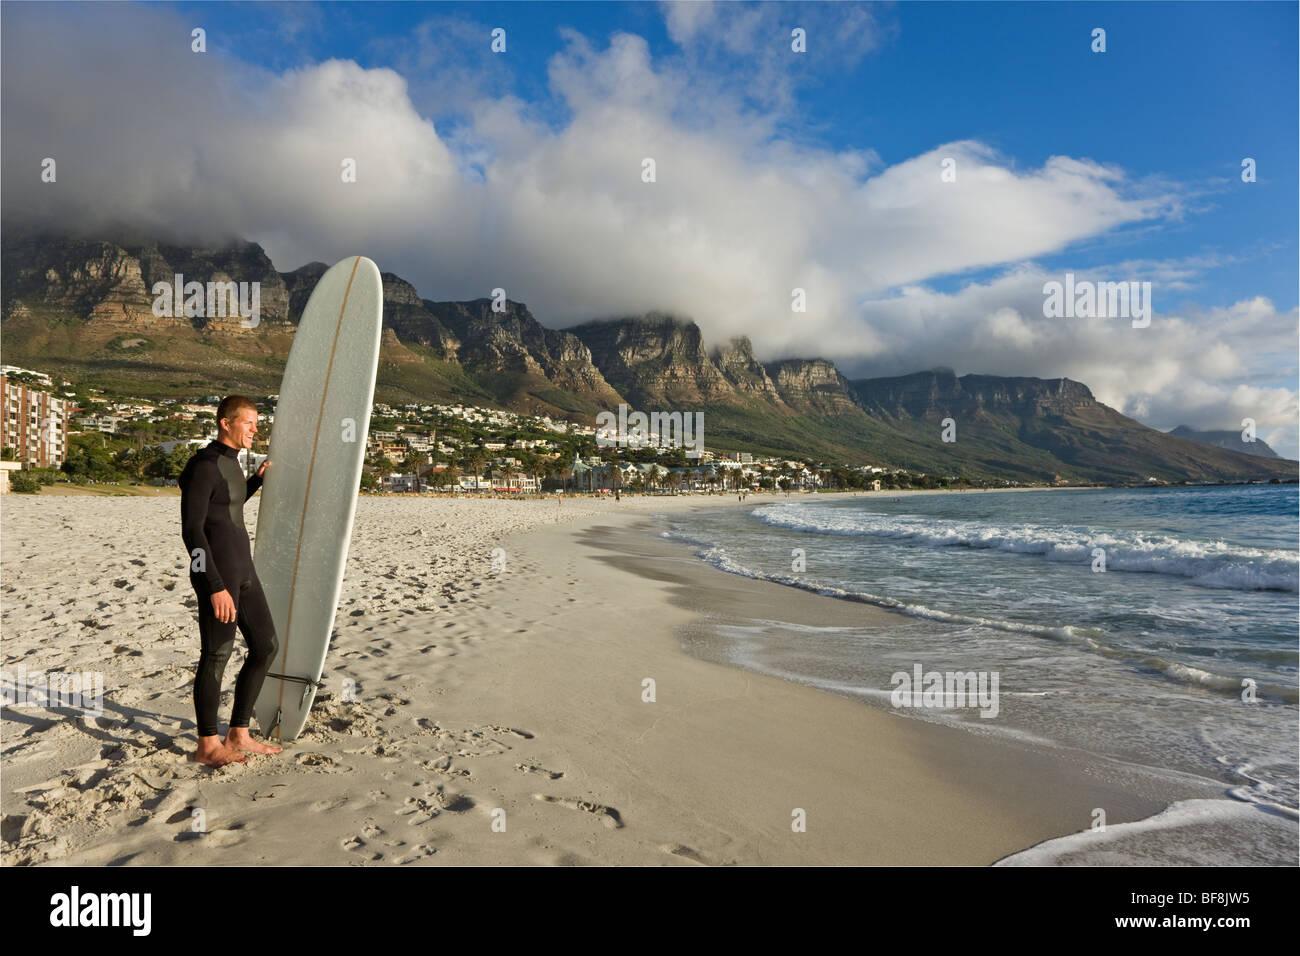 Surfer sur la plage de Camps Bay avec douze apôtres de la Montagne de la table en arrière-plan. Cape Town Photo Stock